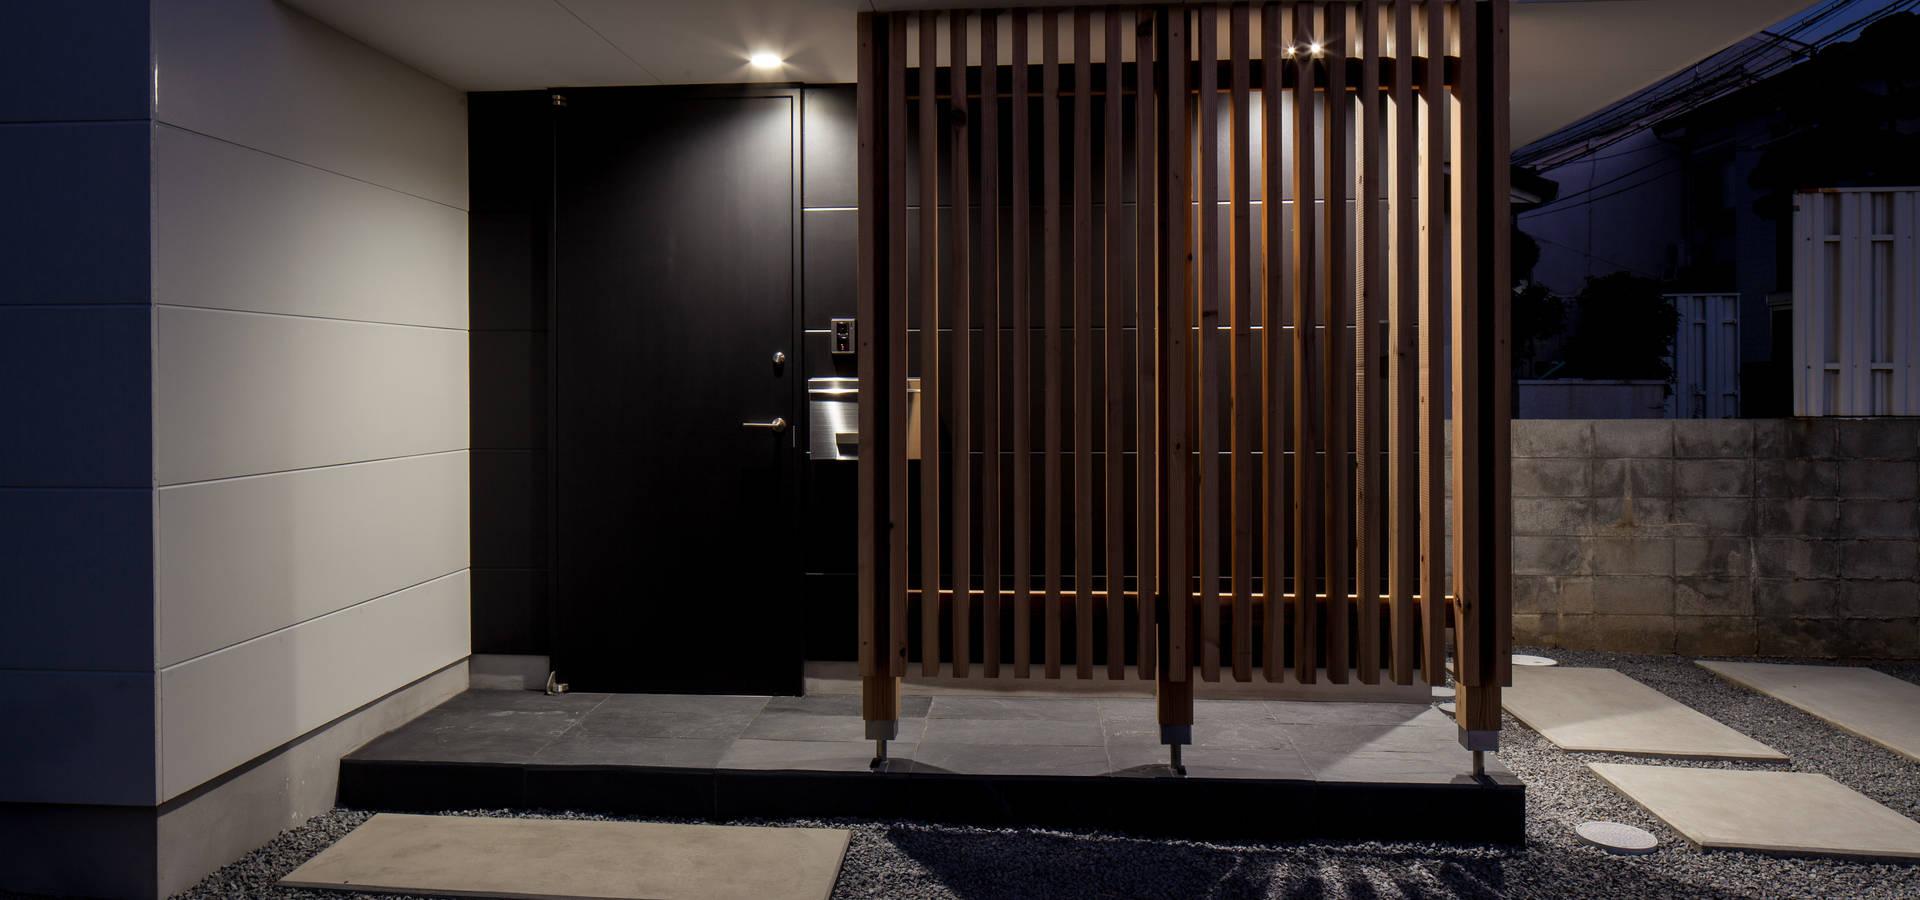 株式会社 片岡英和建築研究室